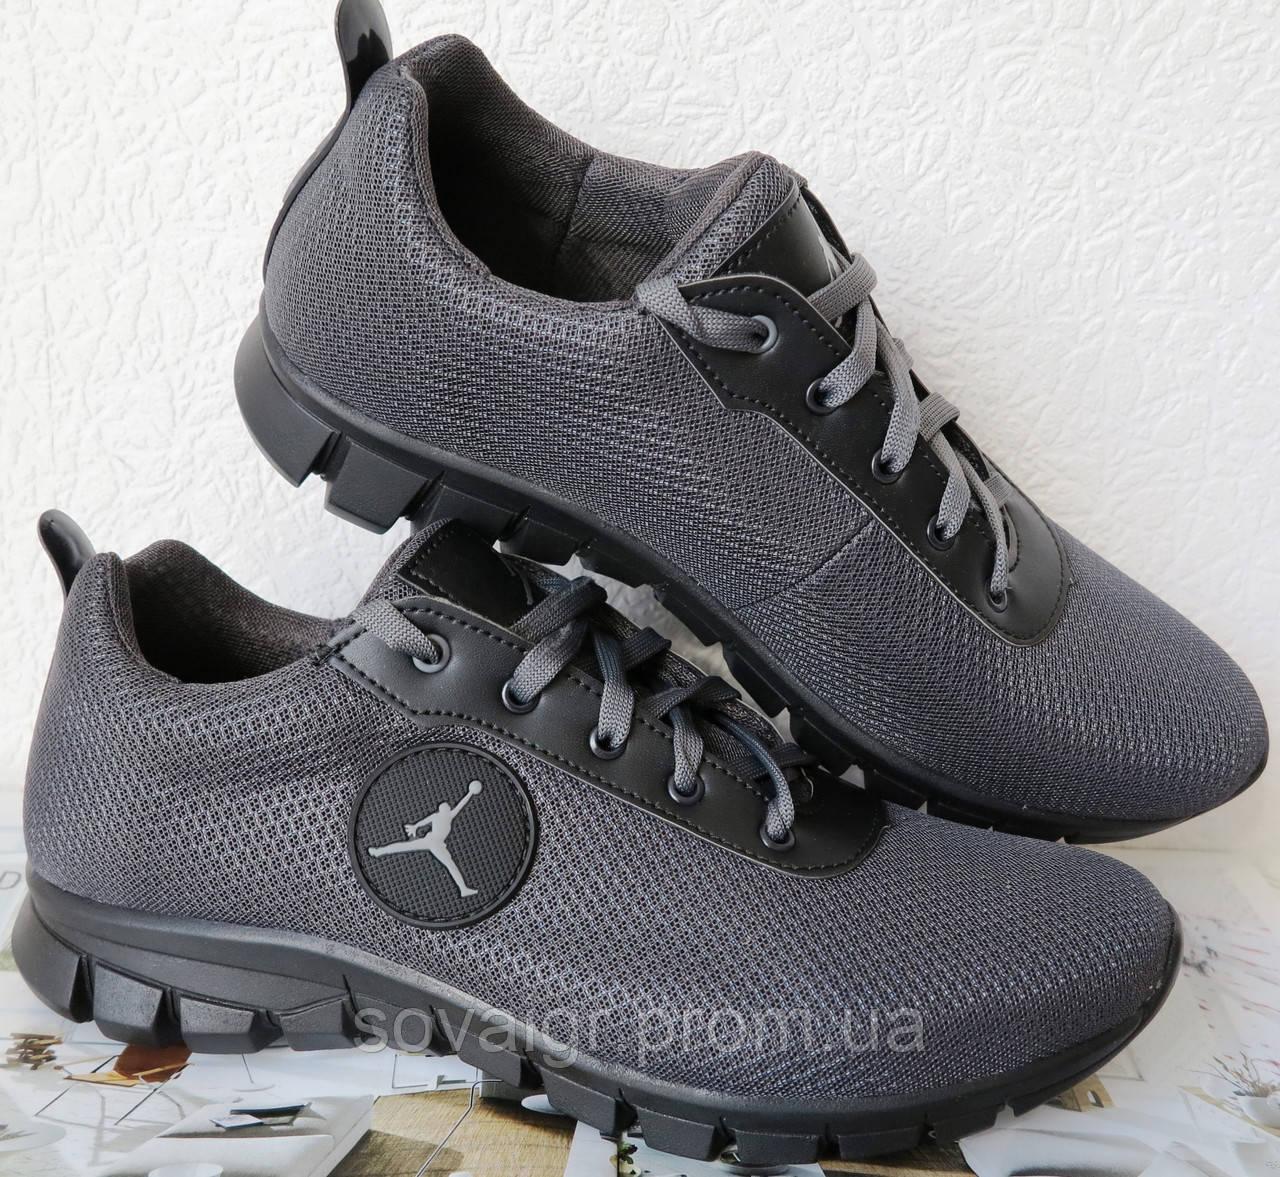 0aef615f4f3 Купить Летние темно-серые мужские кроссовки в стиле Jordan! сетка в ...